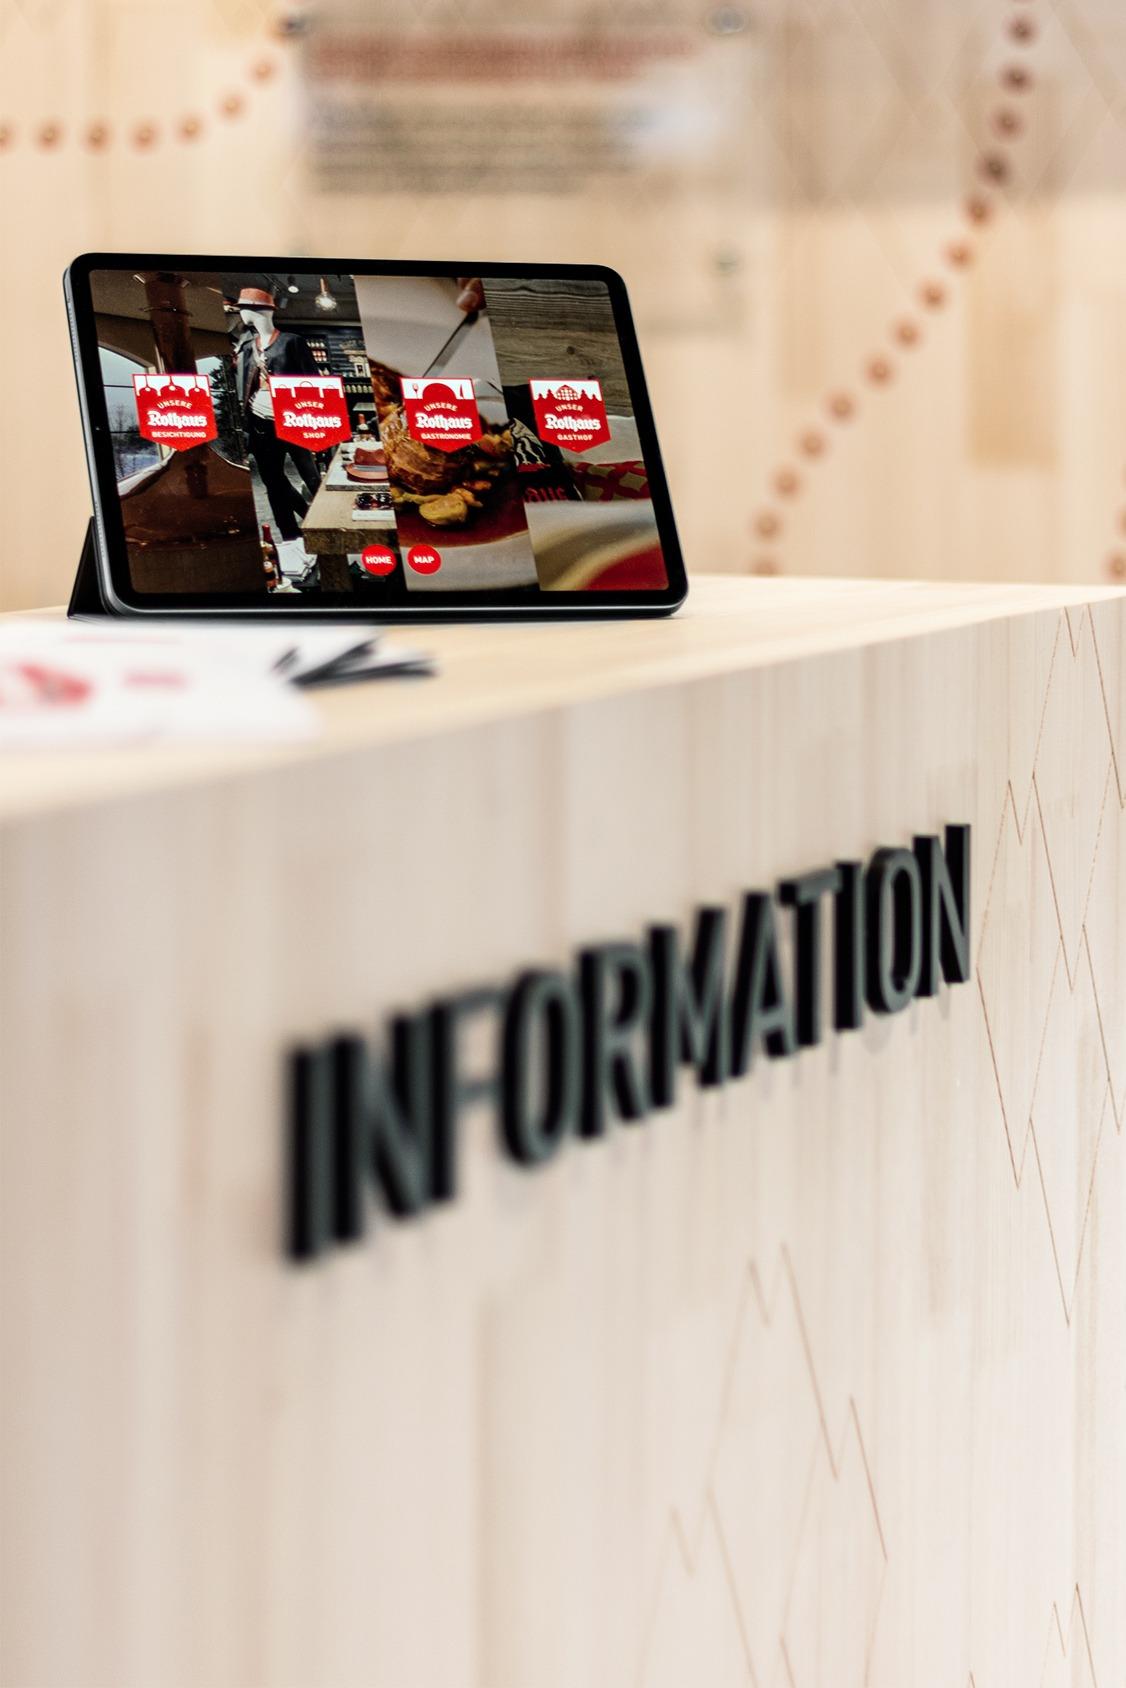 Messefotografie CMT Stuttgart straubmuellerstudios Tablet